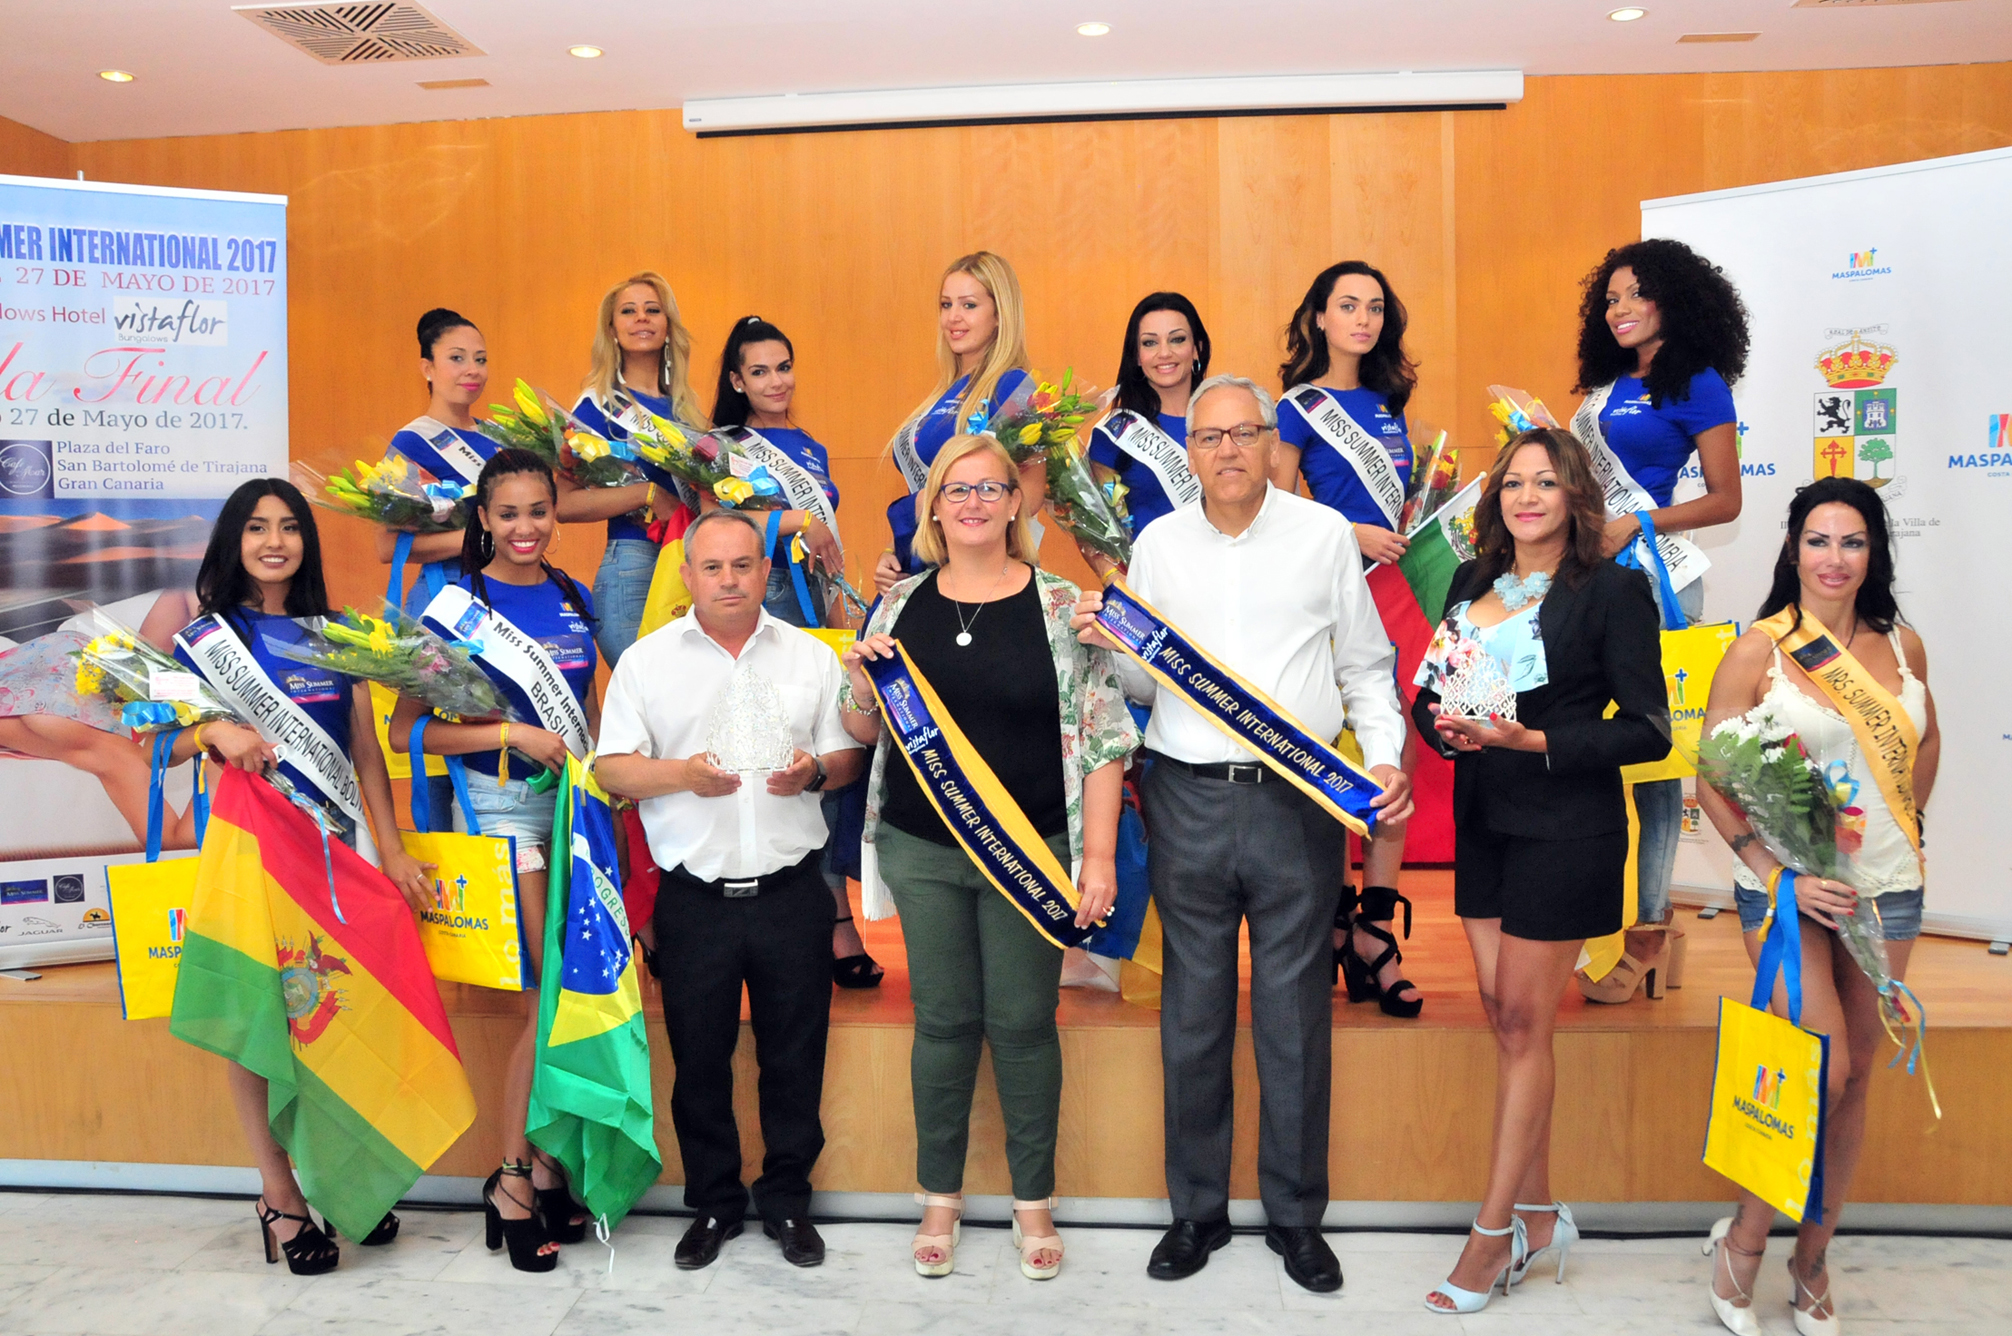 El alcalde de San Bartolomé de Tirajana, Marco Aurelio Pérez y las candidatas